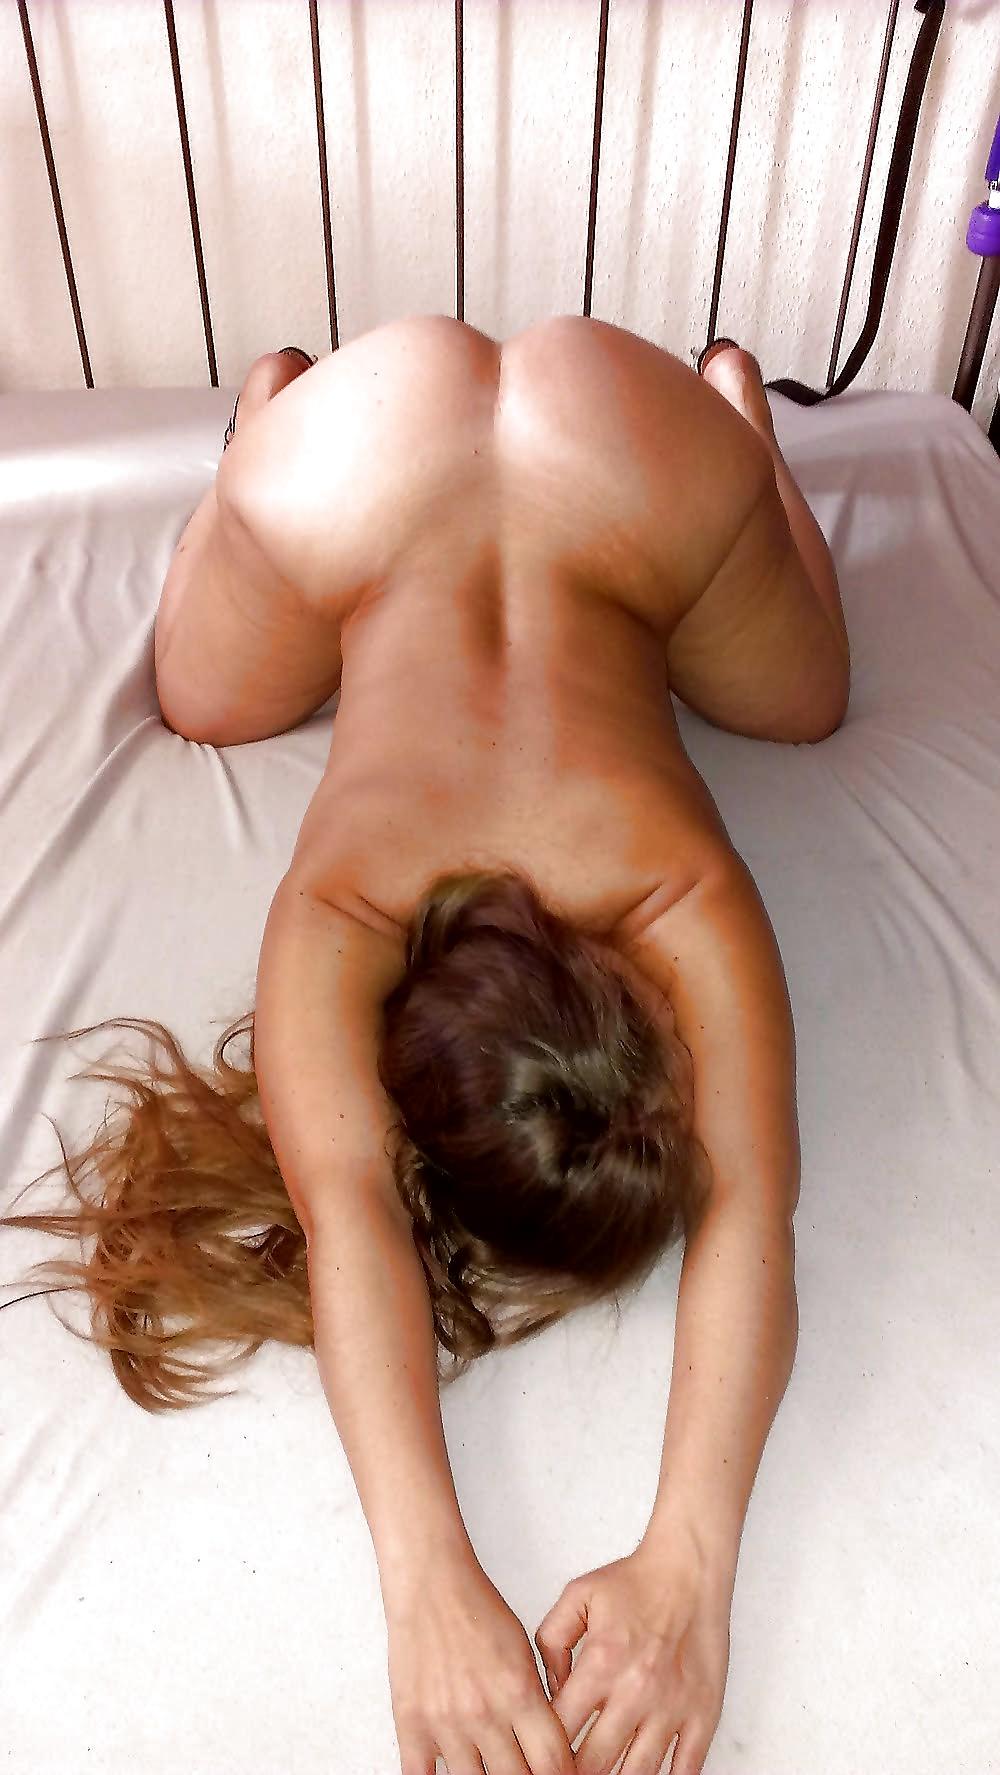 XXX Bildern in entspannende Positionen gartis